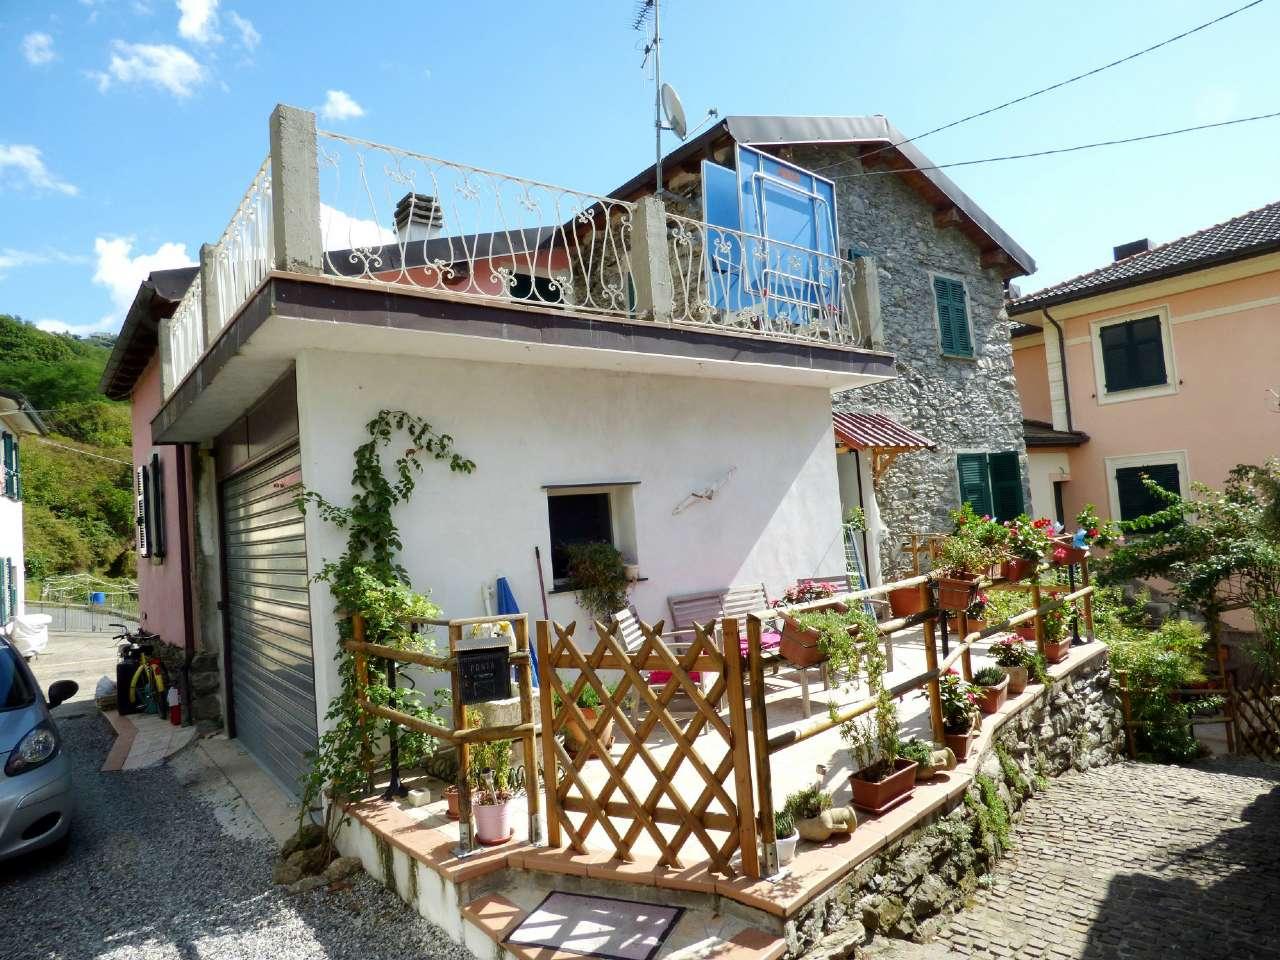 Soluzione Indipendente in vendita a Moconesi, 6 locali, prezzo € 188.000 | Cambio Casa.it